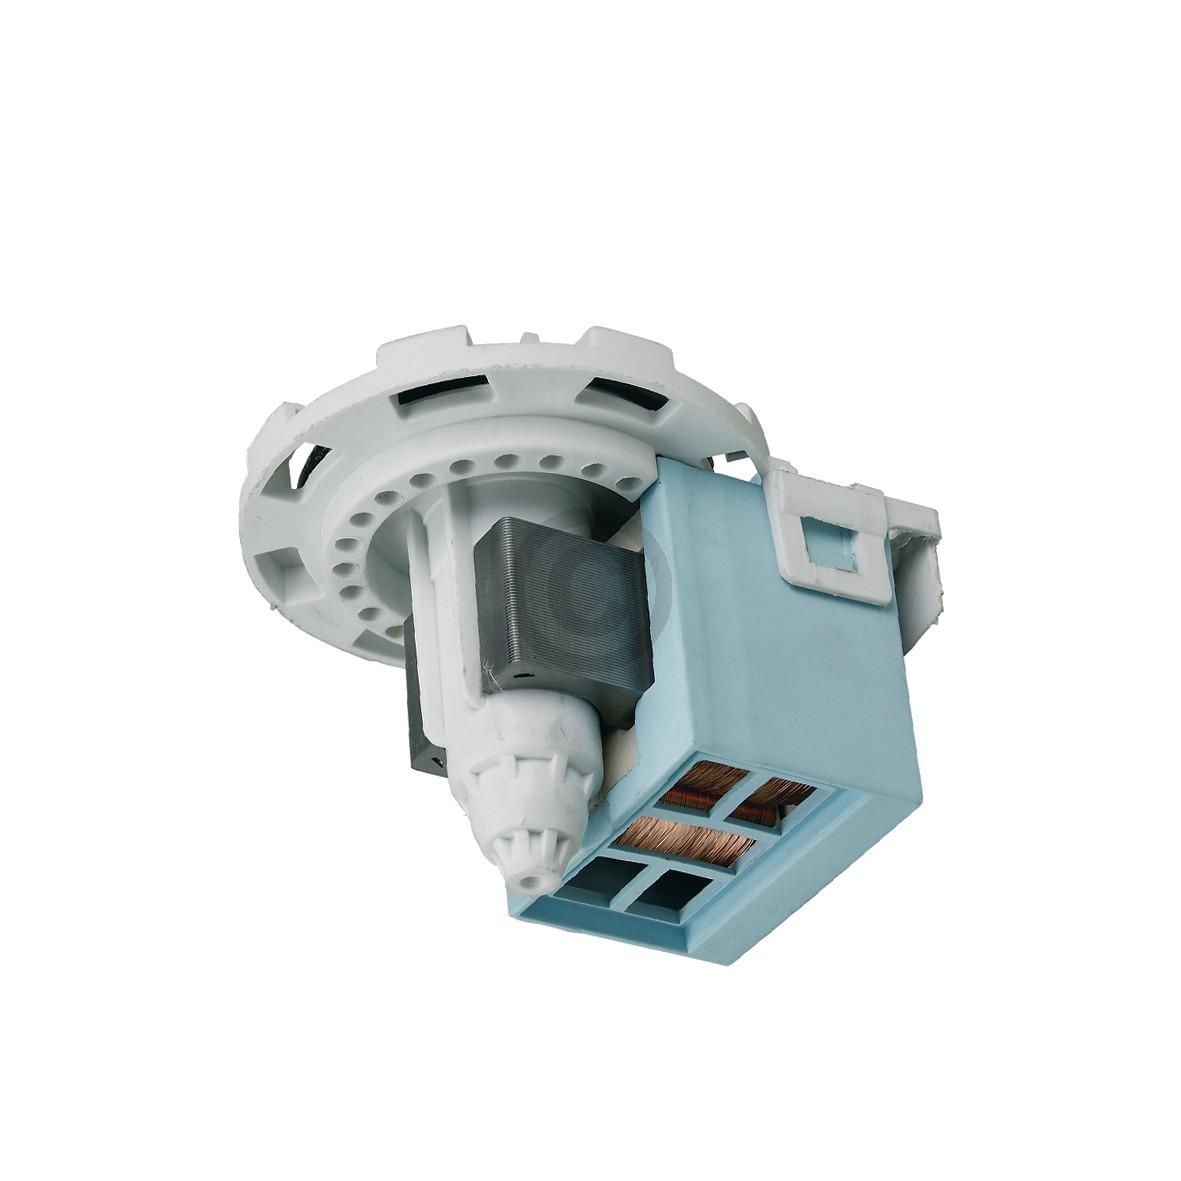 Ablaufpumpe Solo Pumpenmotor Bajonettbefestigung, AT! 2801100900 Brandt